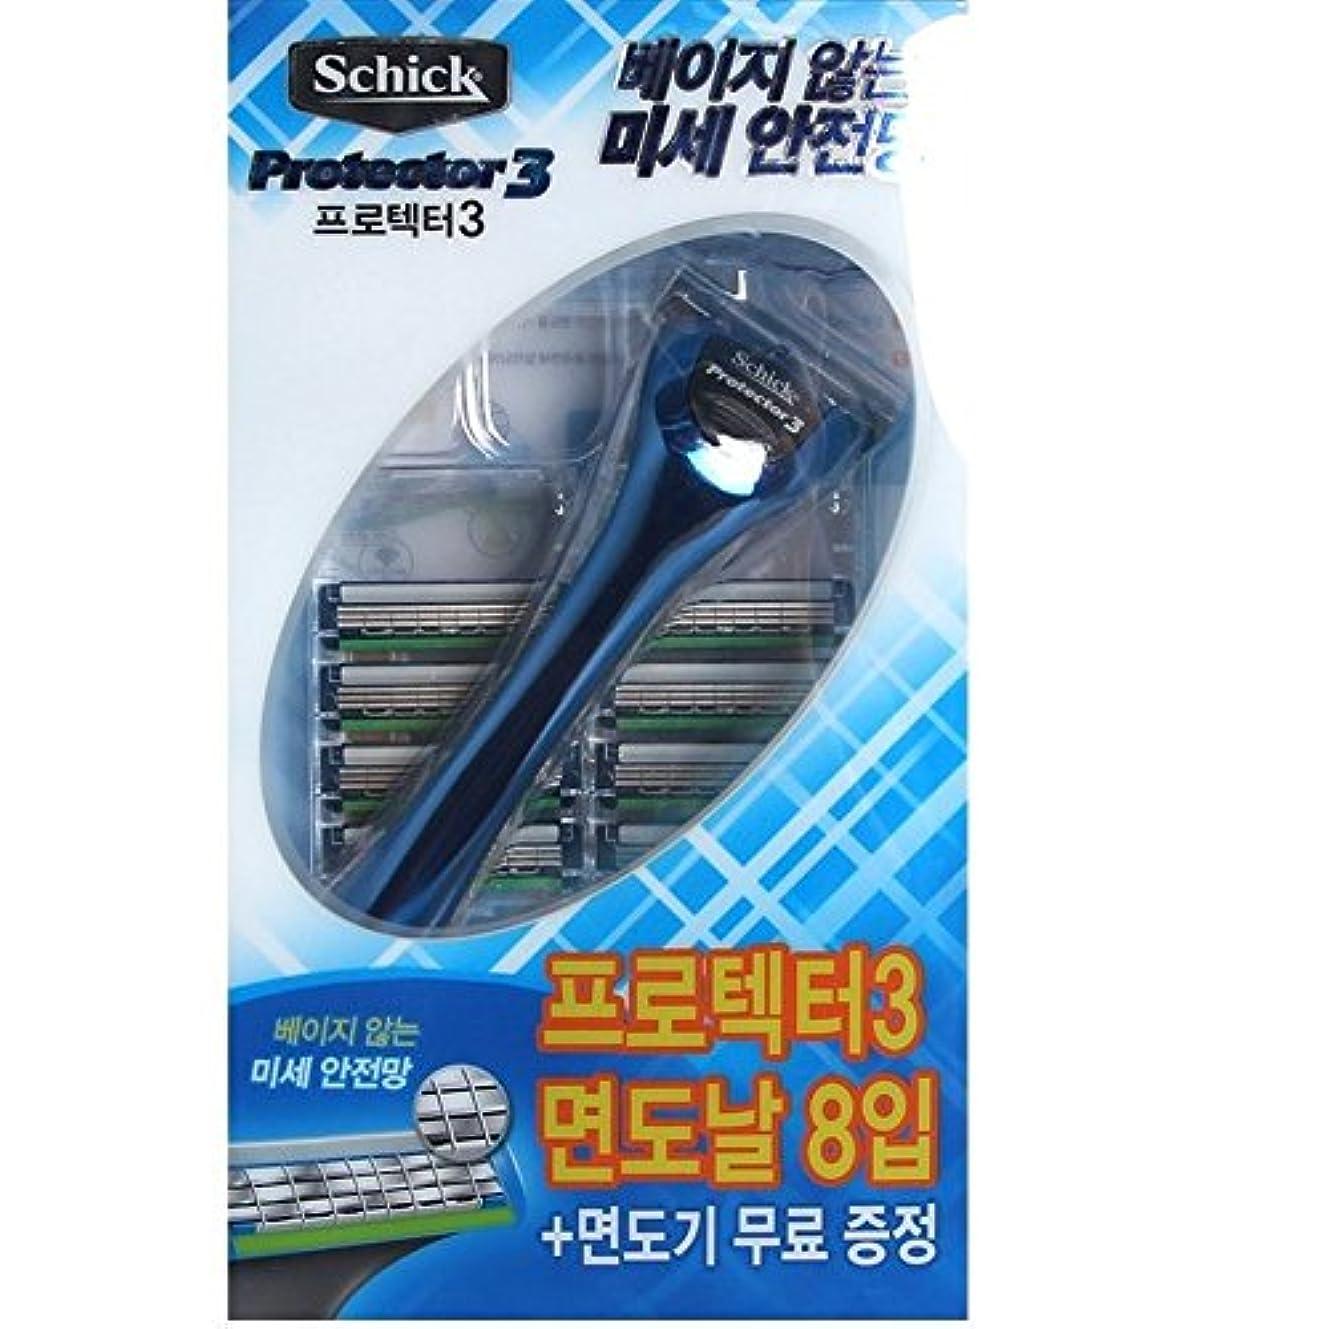 活力ギャザー豊富Schick Protector3 1レイザー+9カートリッジリフィルブレイド [並行輸入品]